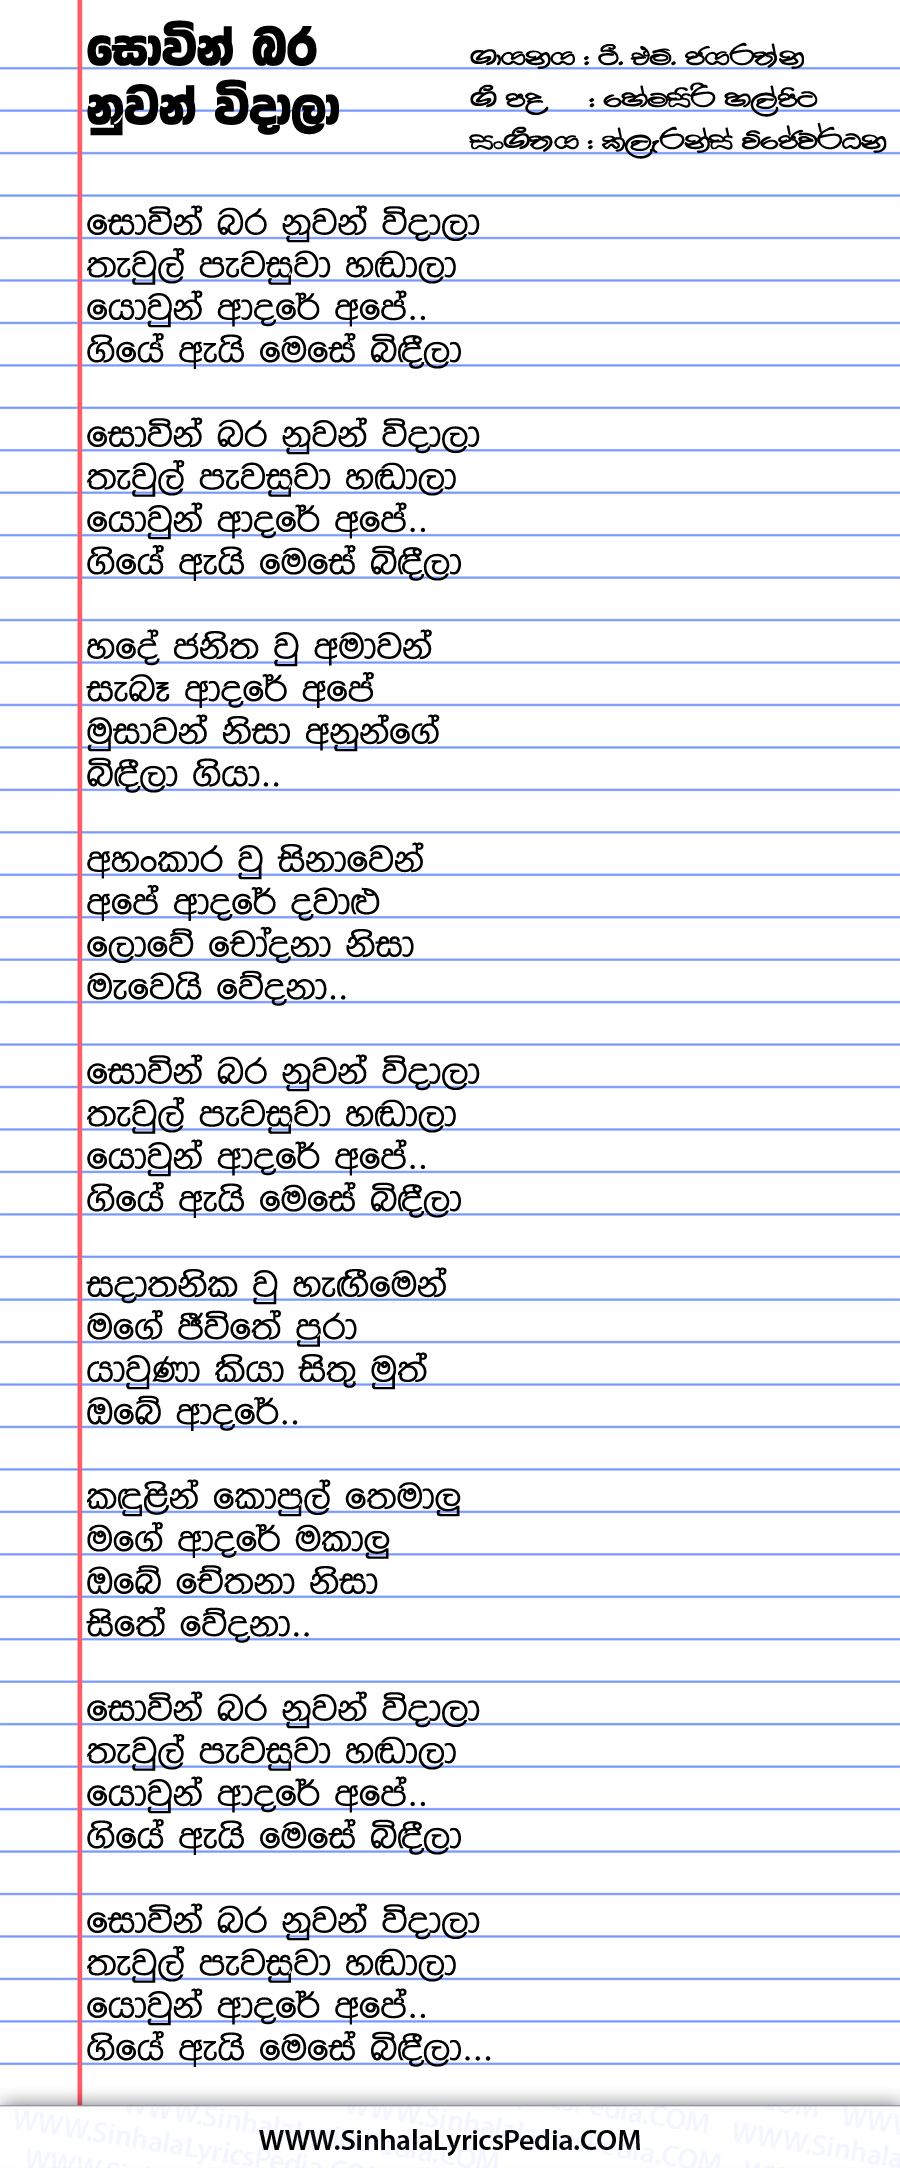 Sowin Bara Nuwan Widala Song Lyrics